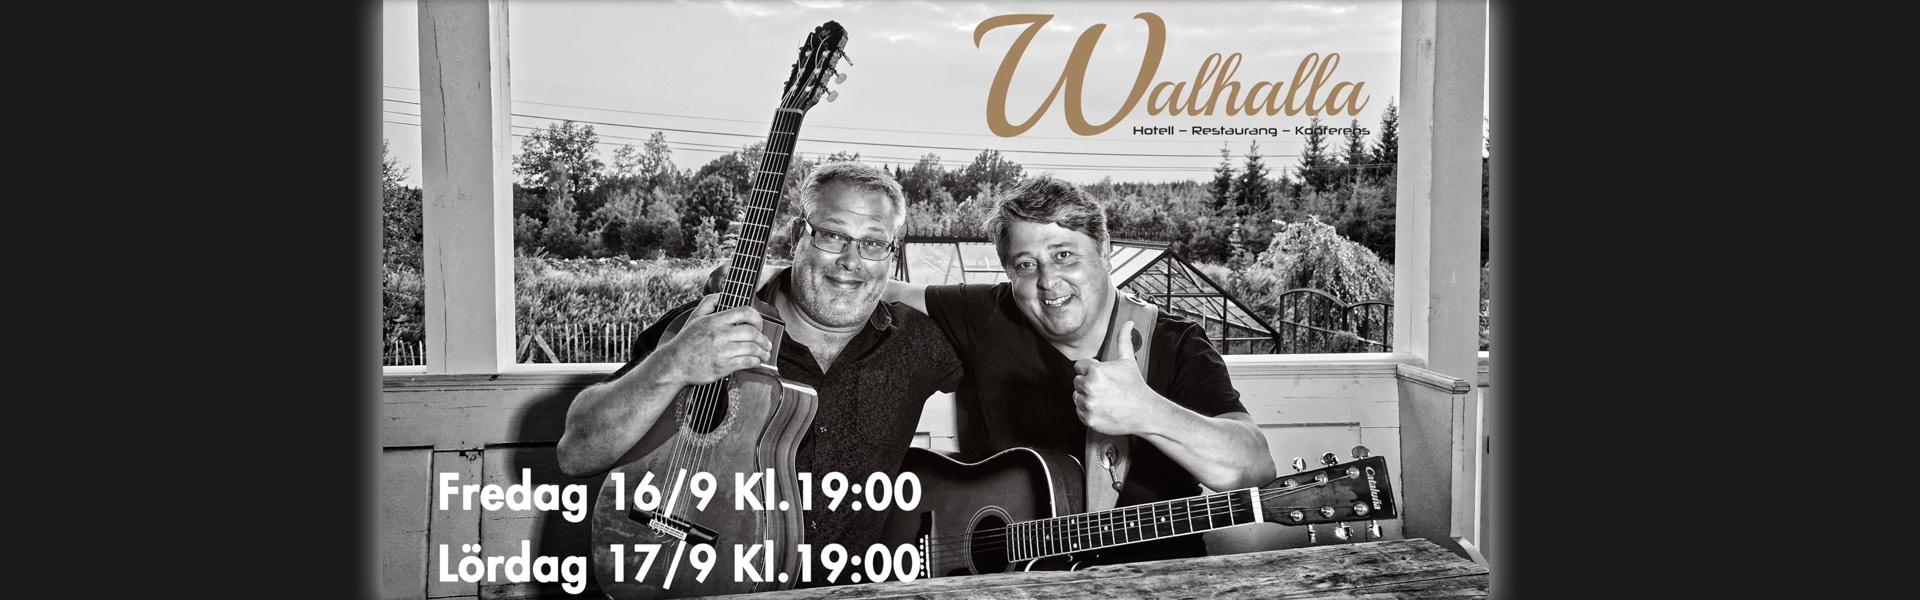 """""""Körberg"""" och """"vreeswijk"""" på Hotel Walhalla i Mörrum"""